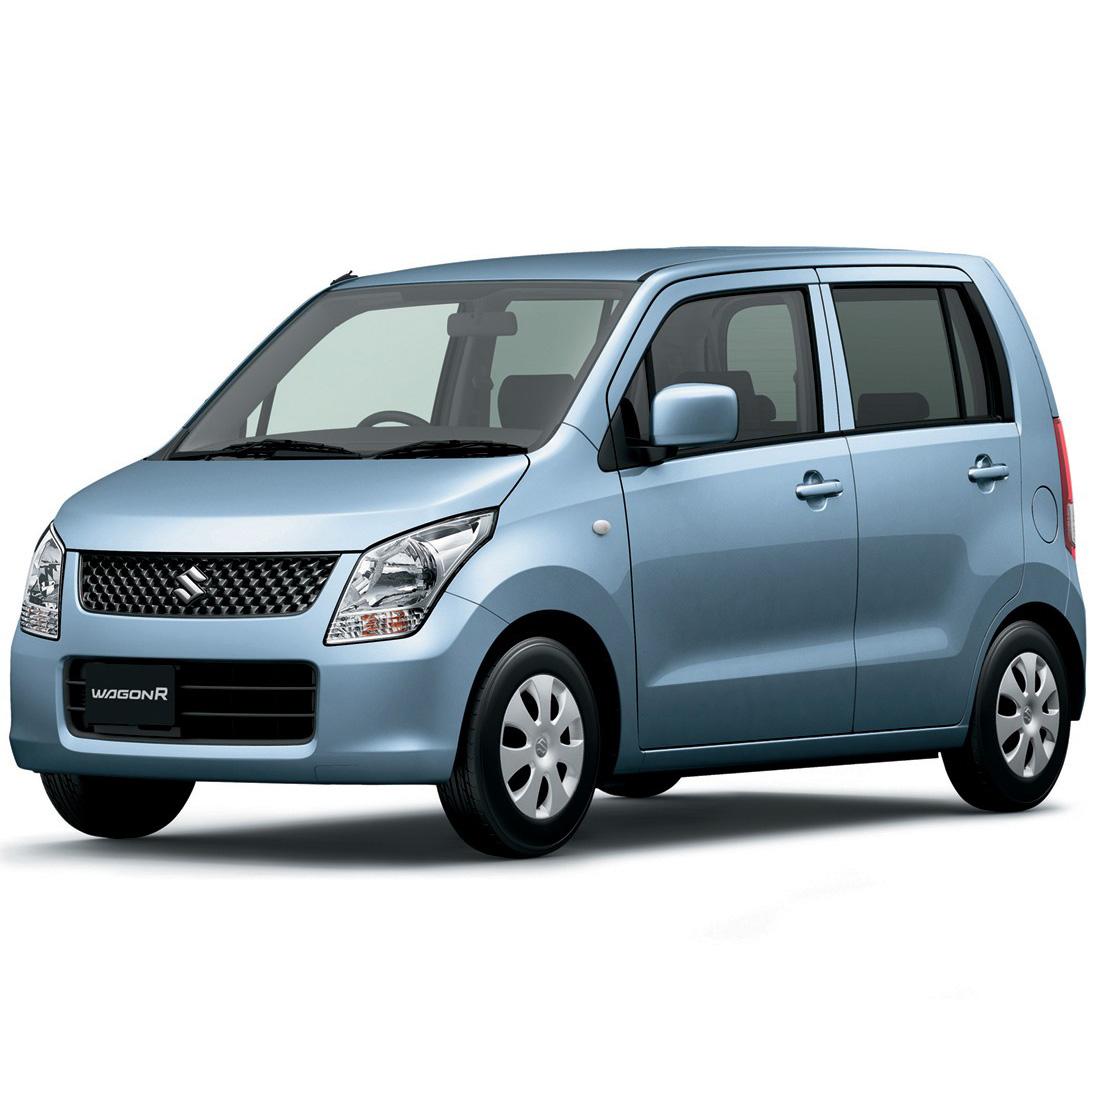 Suzuki Wagon R Car Mats (All Models)